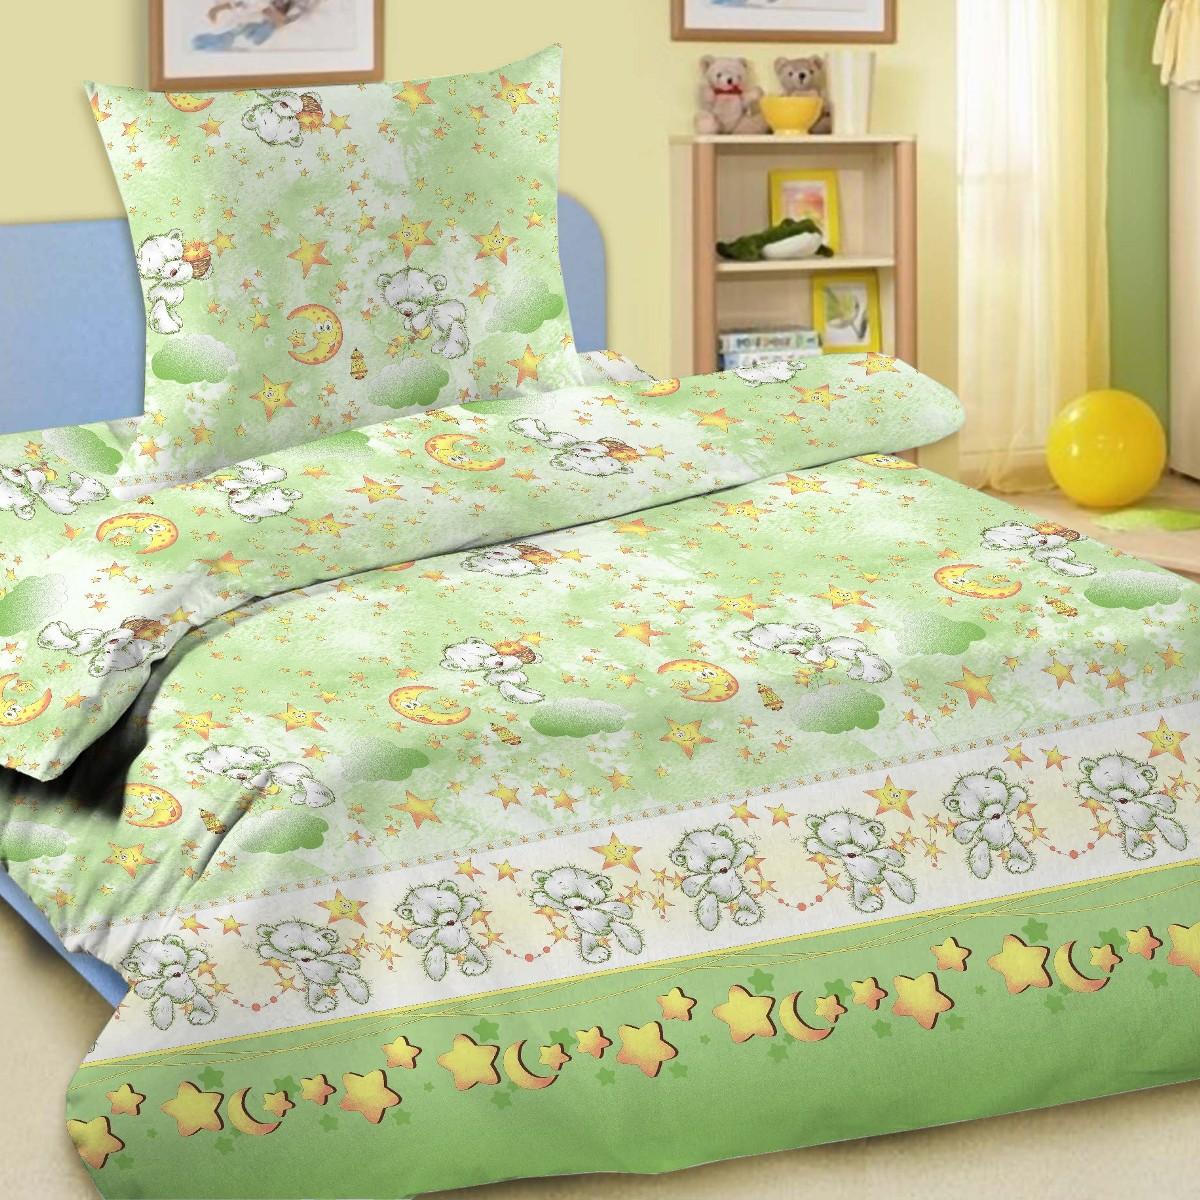 Letto Комплект детского постельного белья BG-17